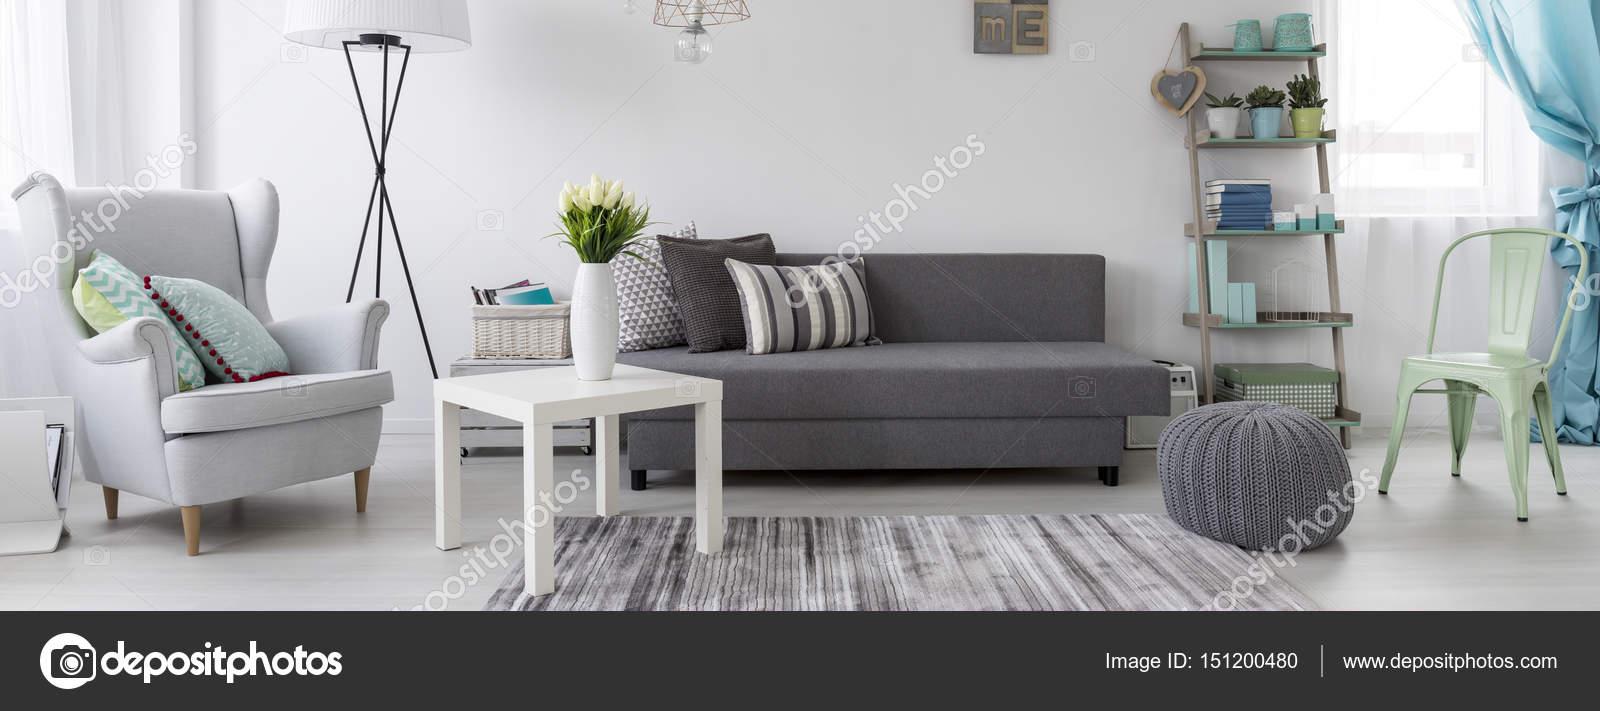 Woonkamer in Scandinavische stijl idee — Stockfoto © photographee.eu ...